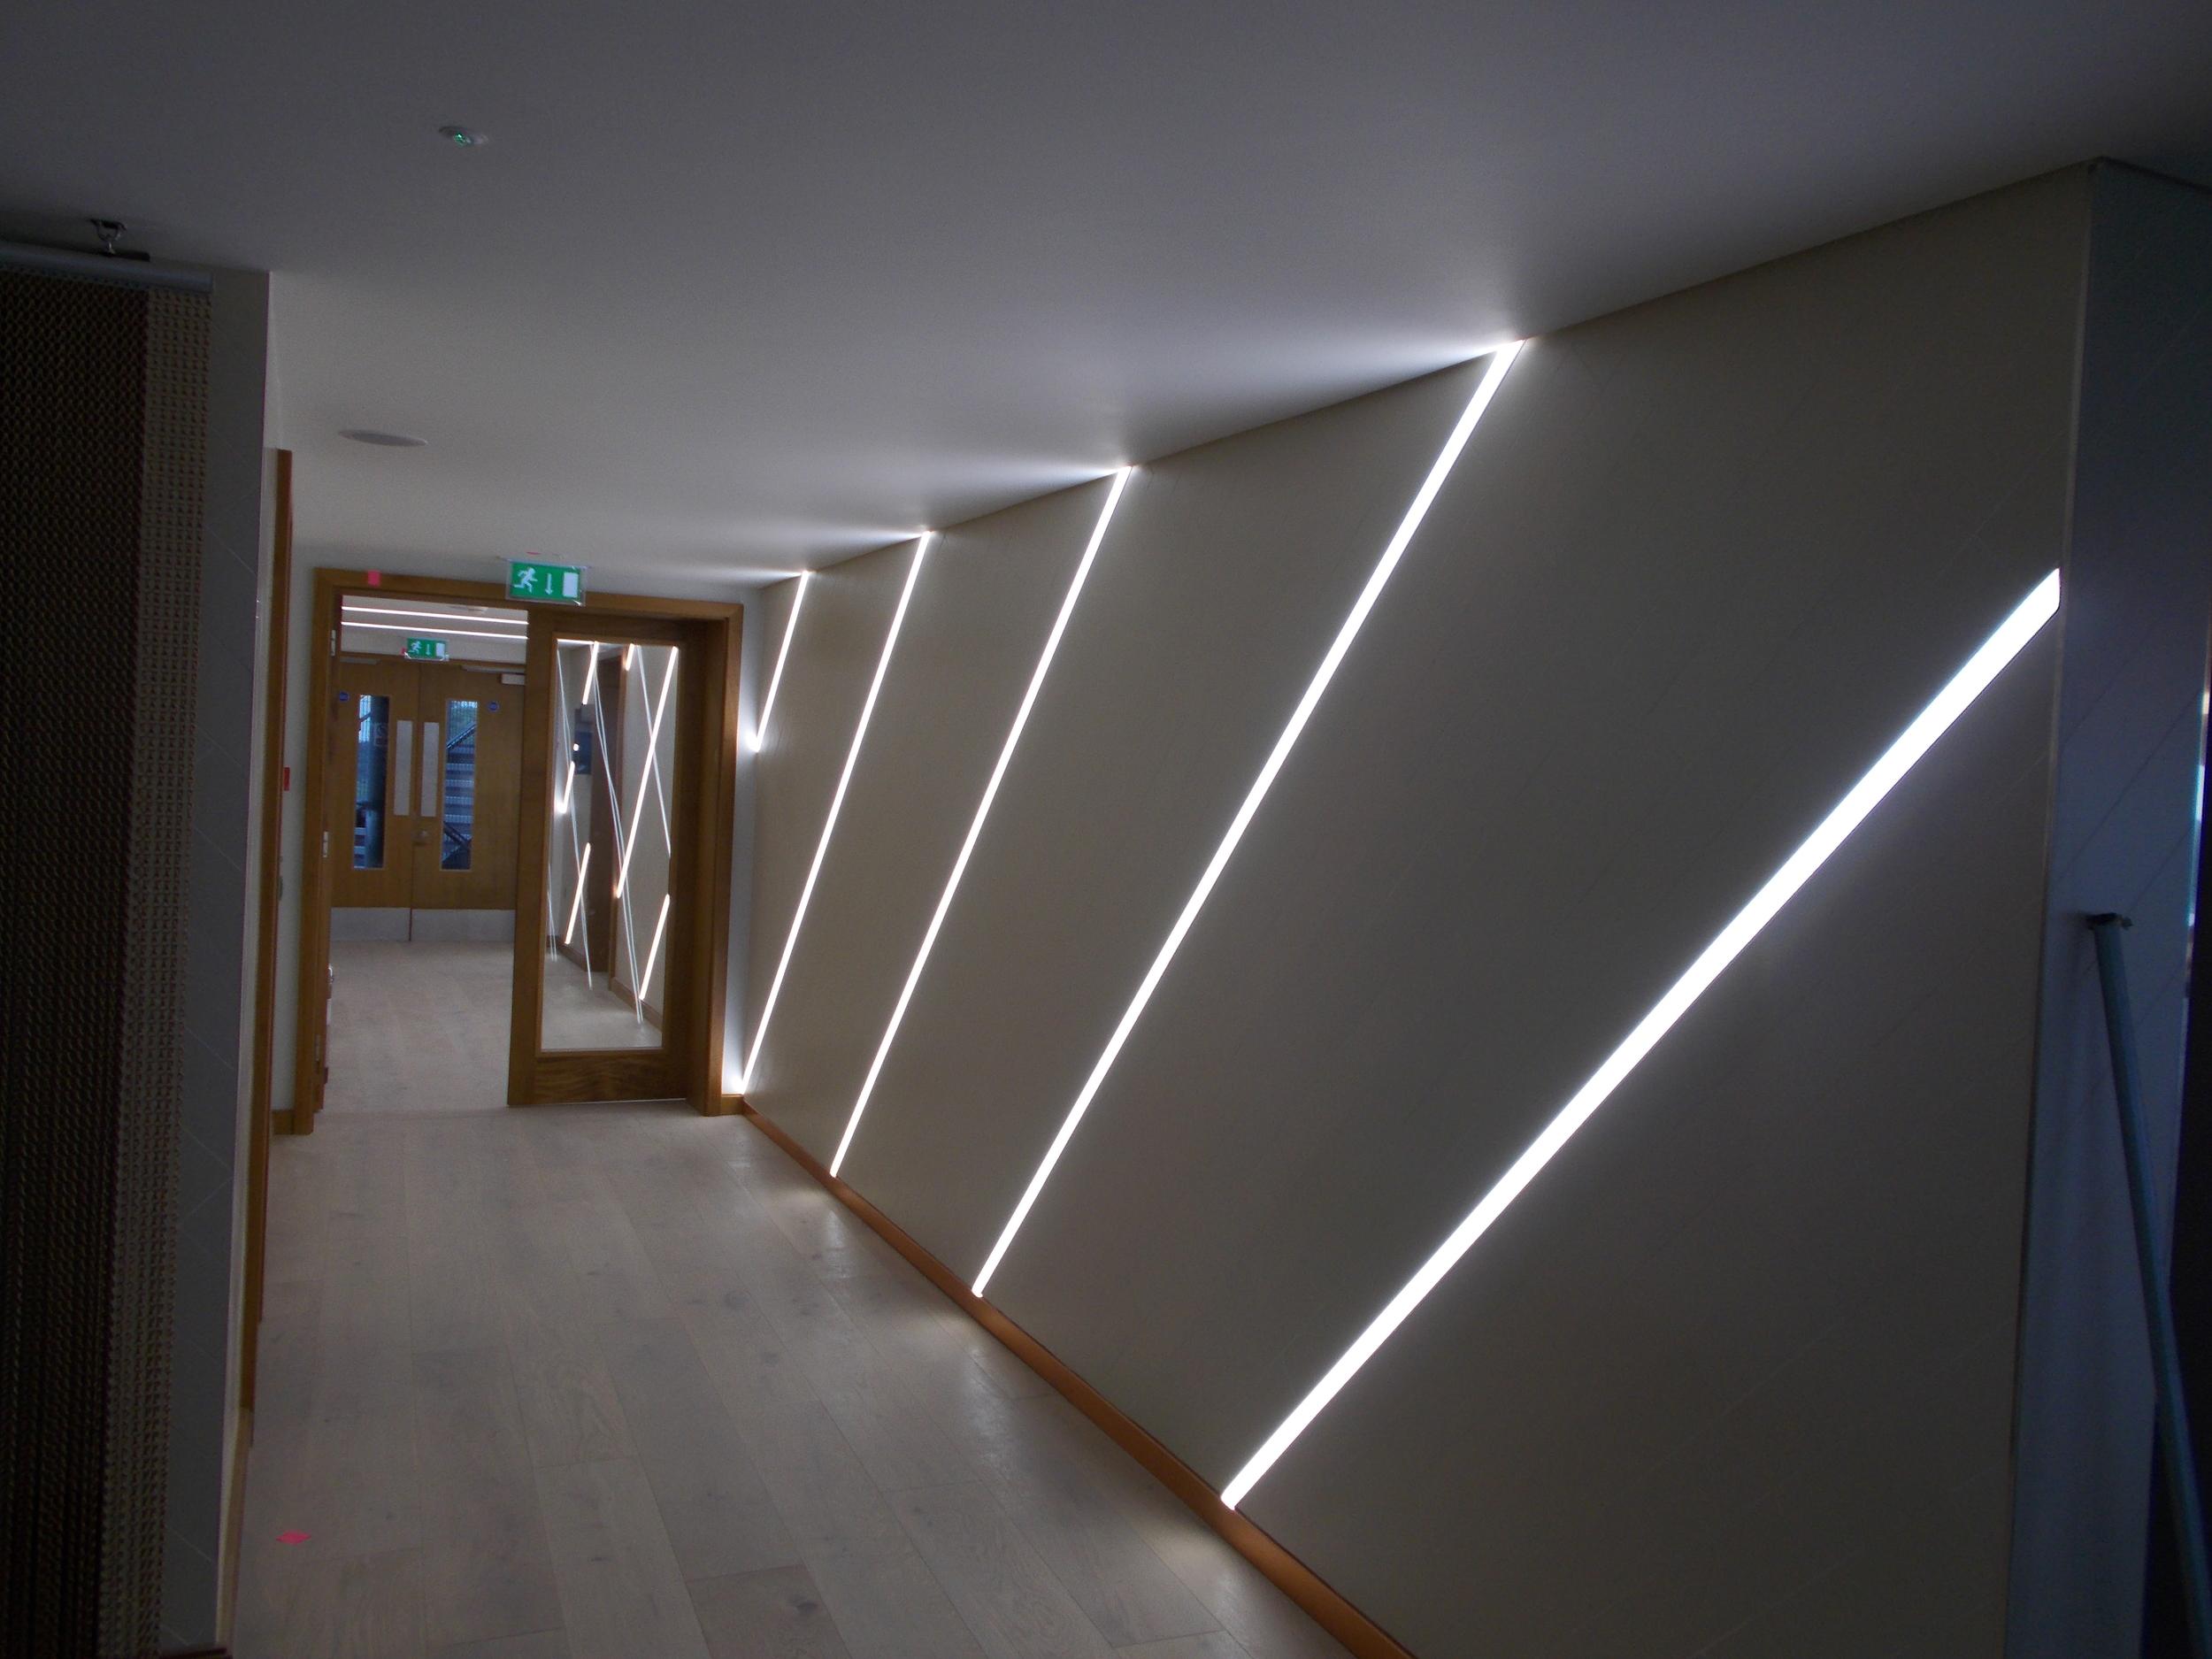 LED Lighting Edward Ray